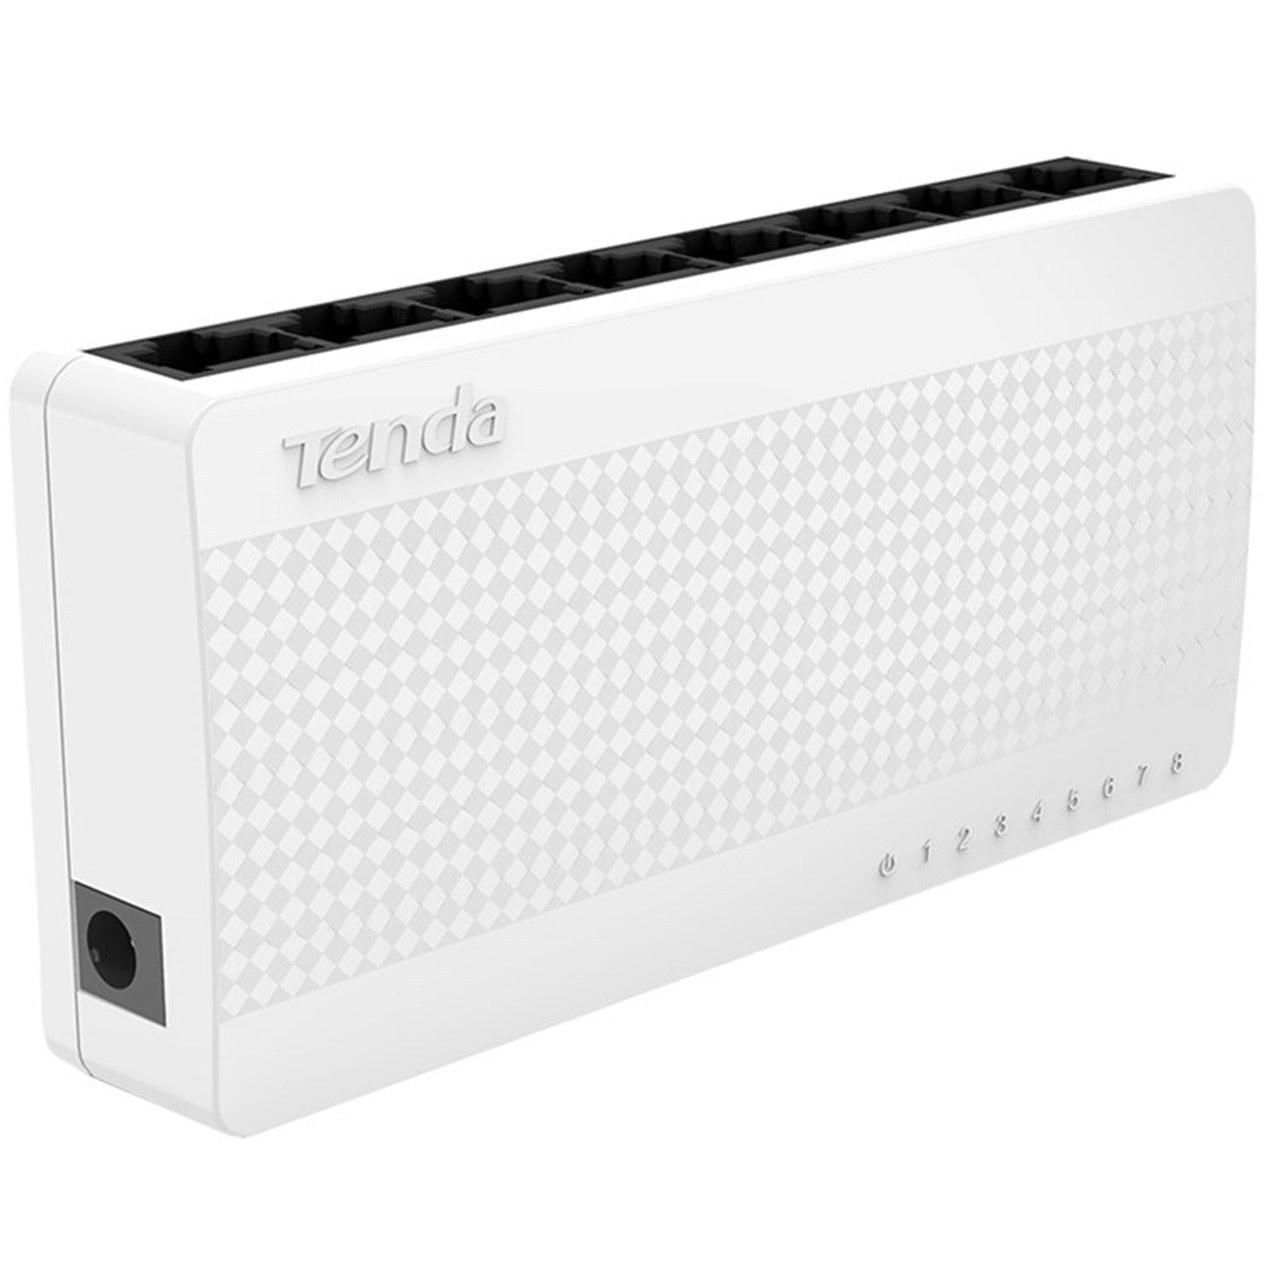 تصویر سوییچ شبکه 8 پورت 10/100 تندا اس 108 ا Tenda 8-Port 10/100 Switch S108 Tenda 8-Port 10/100 Switch S108